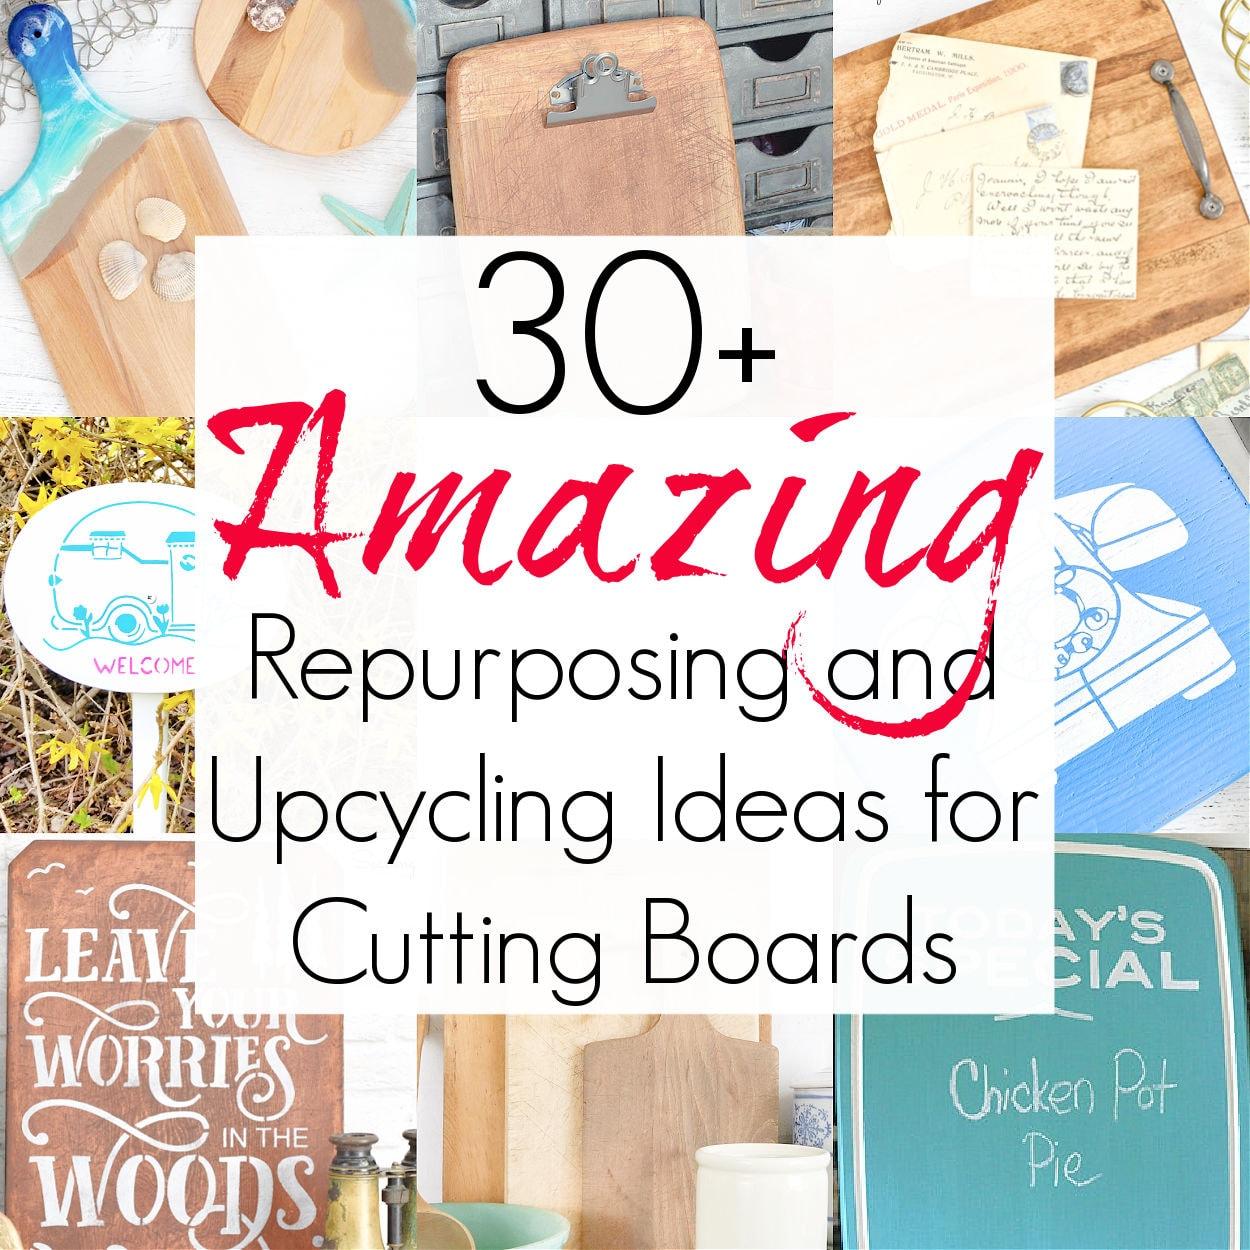 30+ Cutting Board Ideas